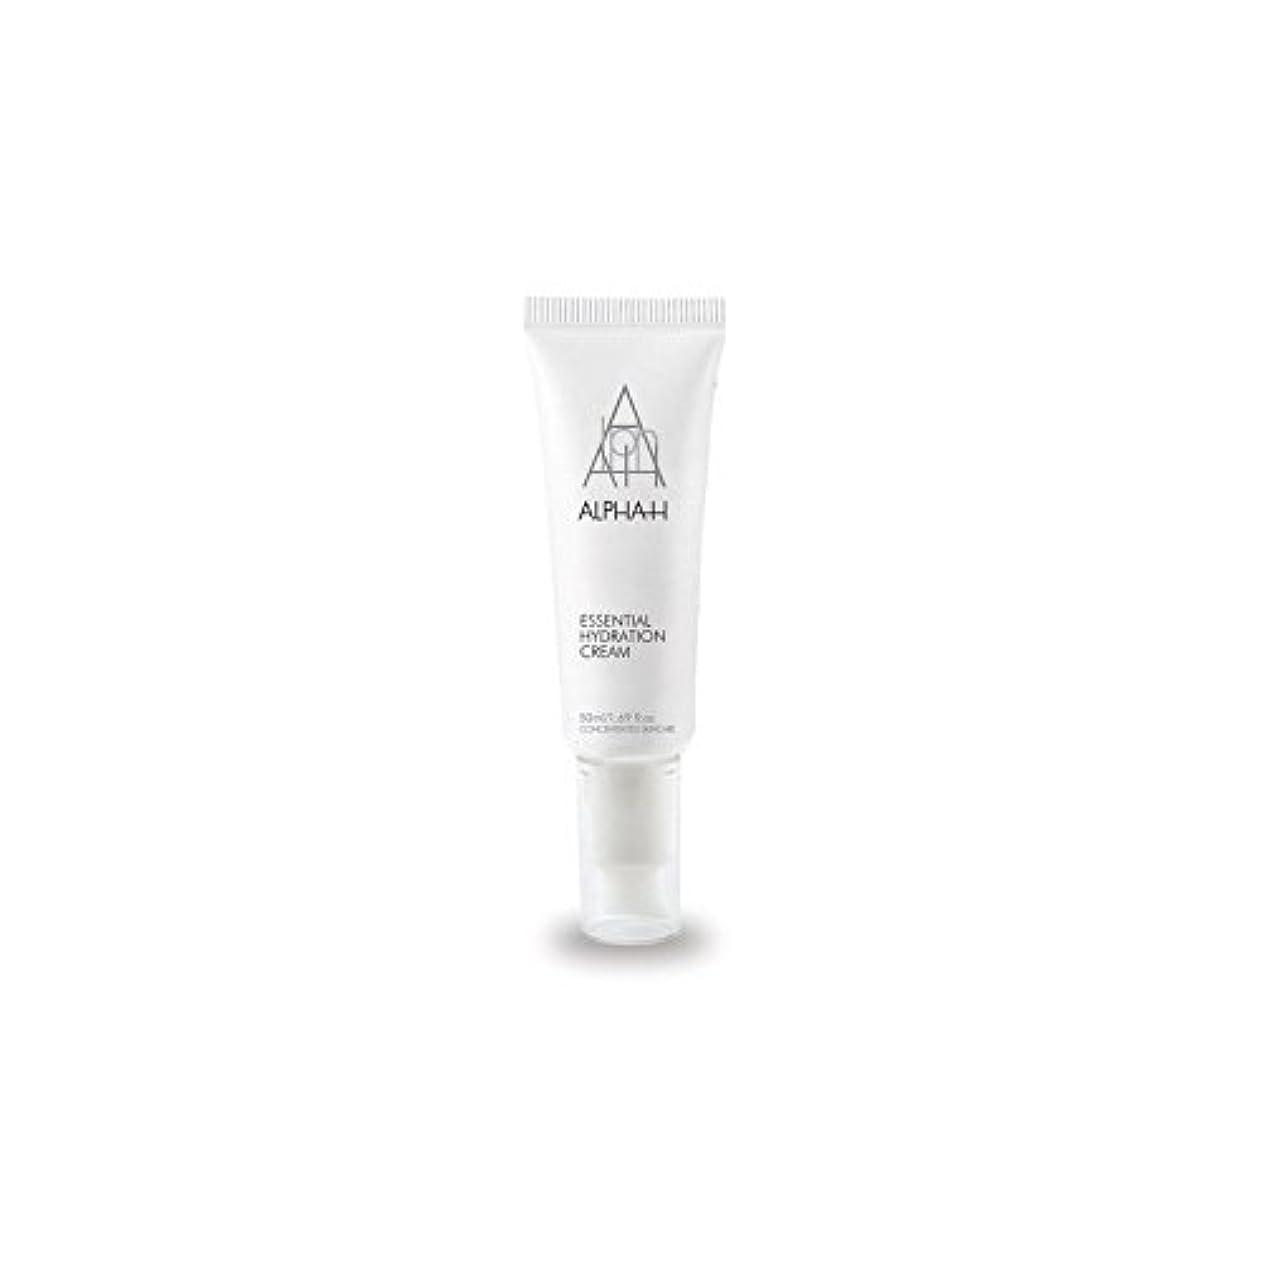 コーヒープラットフォーム保証金Alpha-H Essential Hydration Cream (50ml) - アルファ必須水和クリーム(50)中 [並行輸入品]